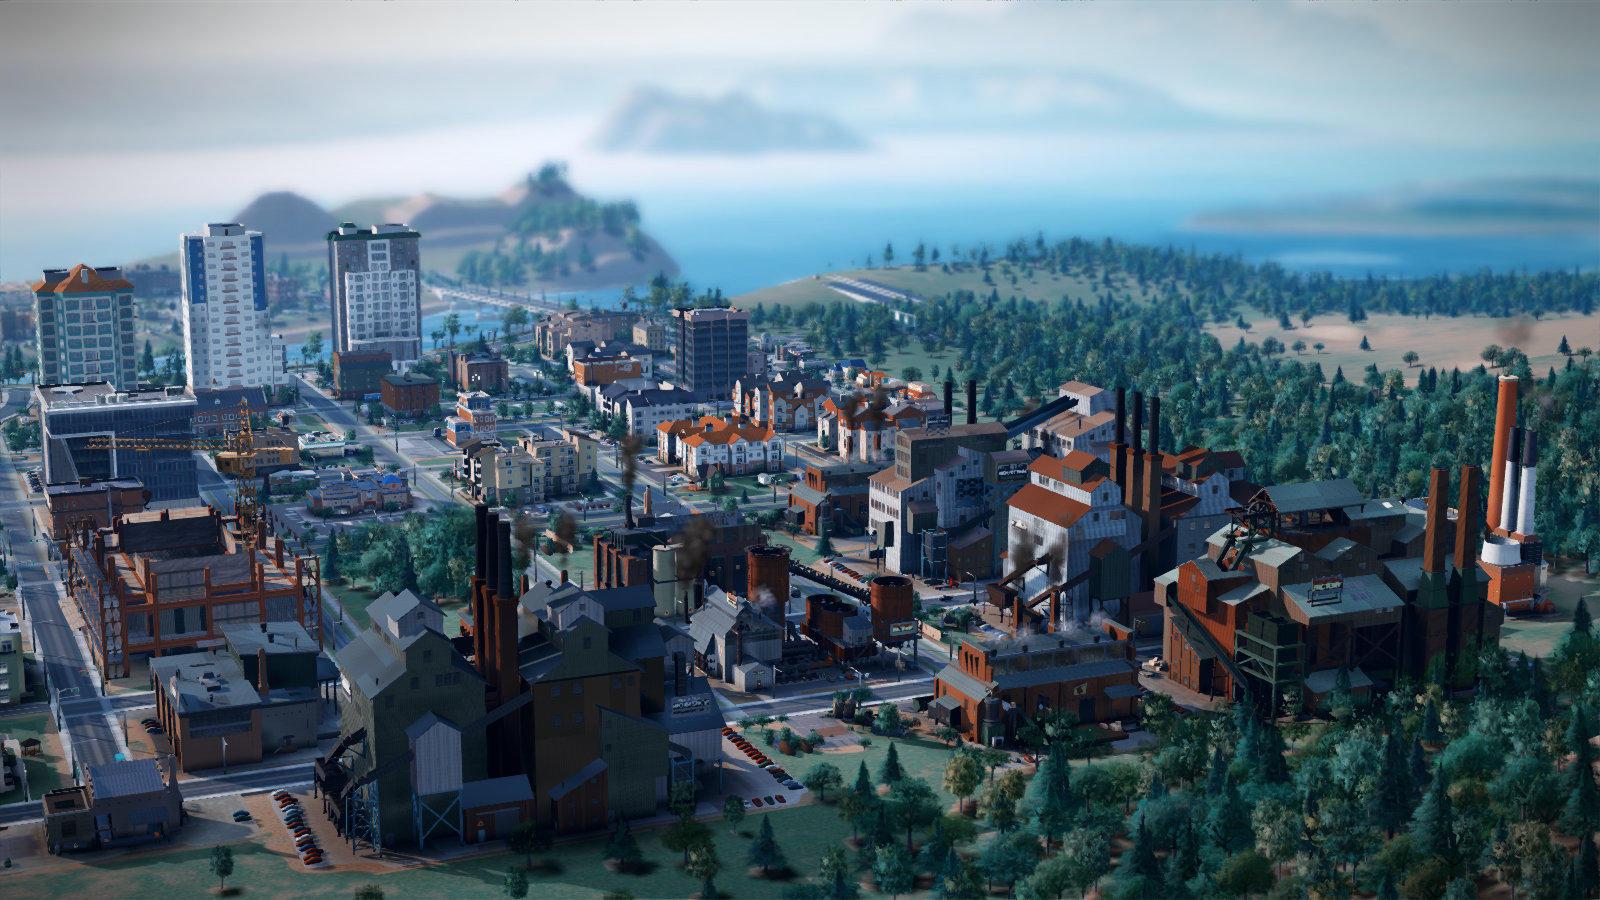 [Imagen]Imágenes de ciudades de Simcity BAWwcF2CcAAjOJb